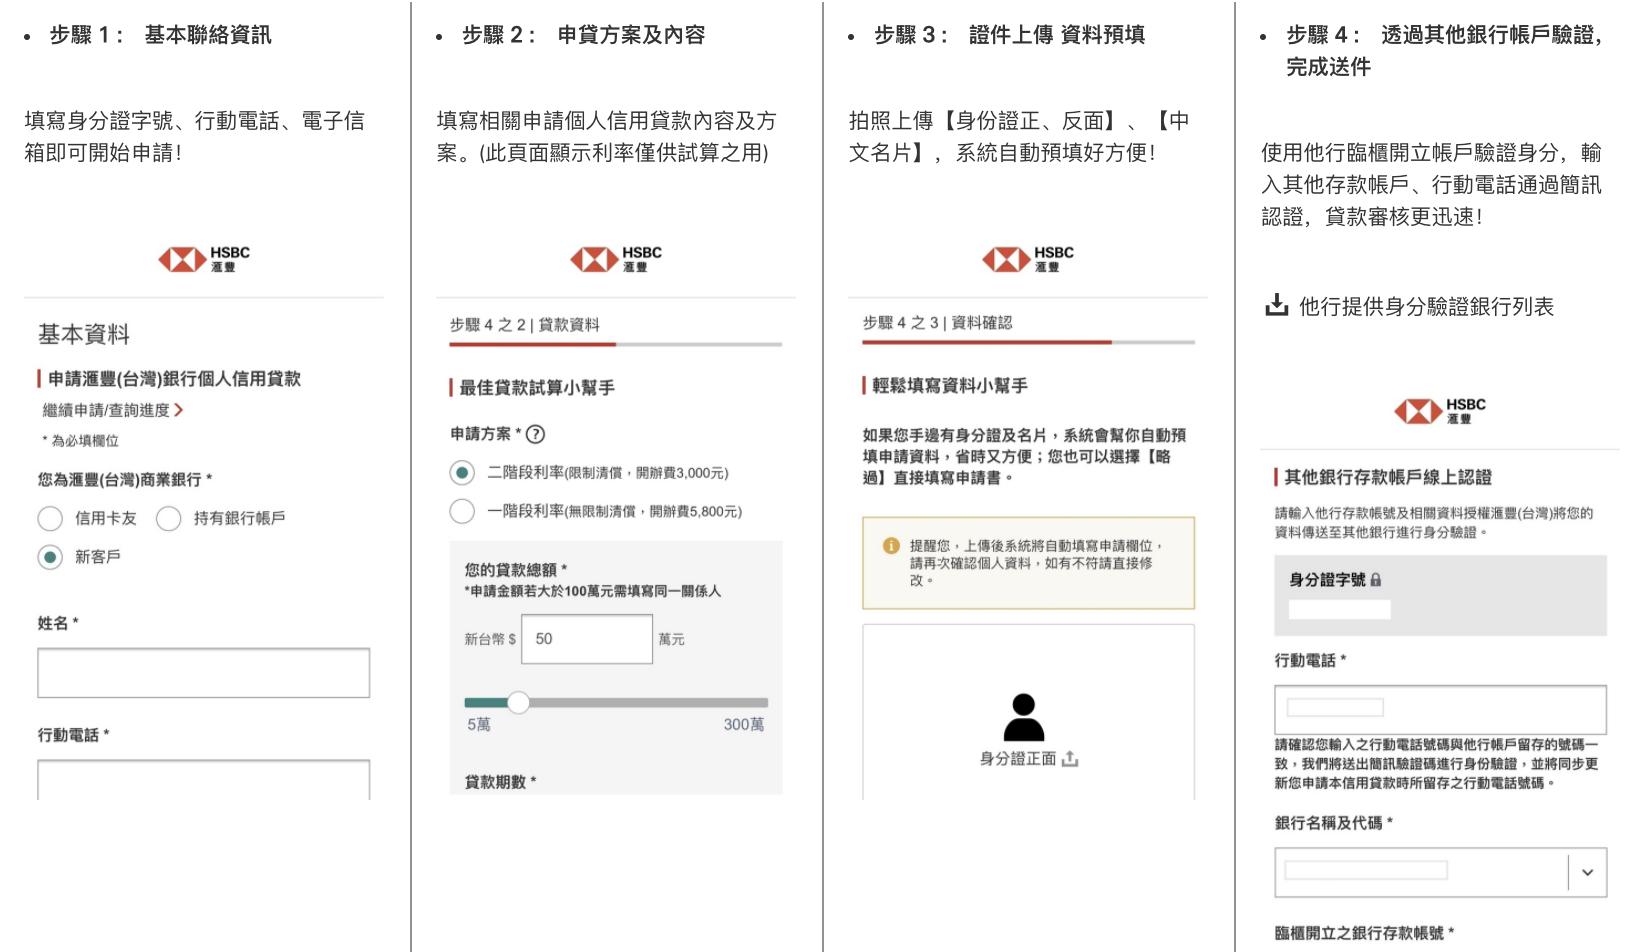 匯豐信貸新戶線上申請